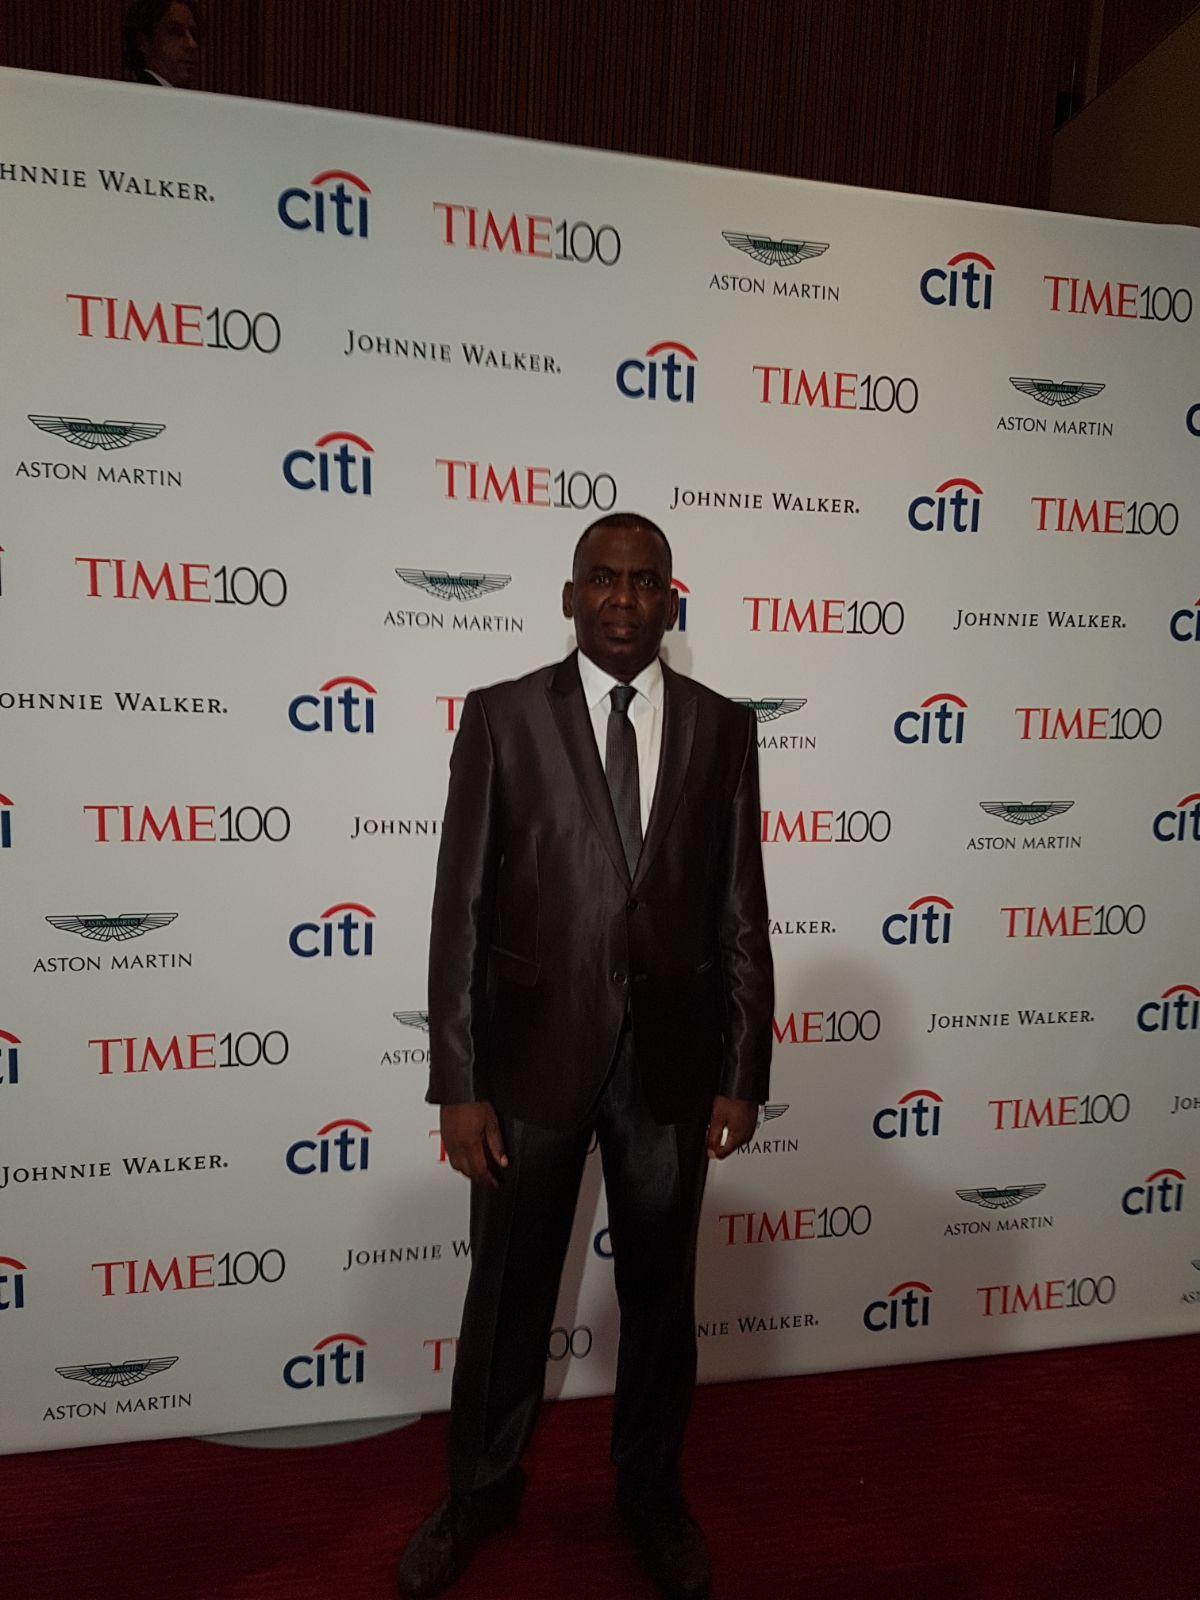 بيرام خلال حفل التايم لتكريم أكثر 100 شخصية تأثيرا في العالم